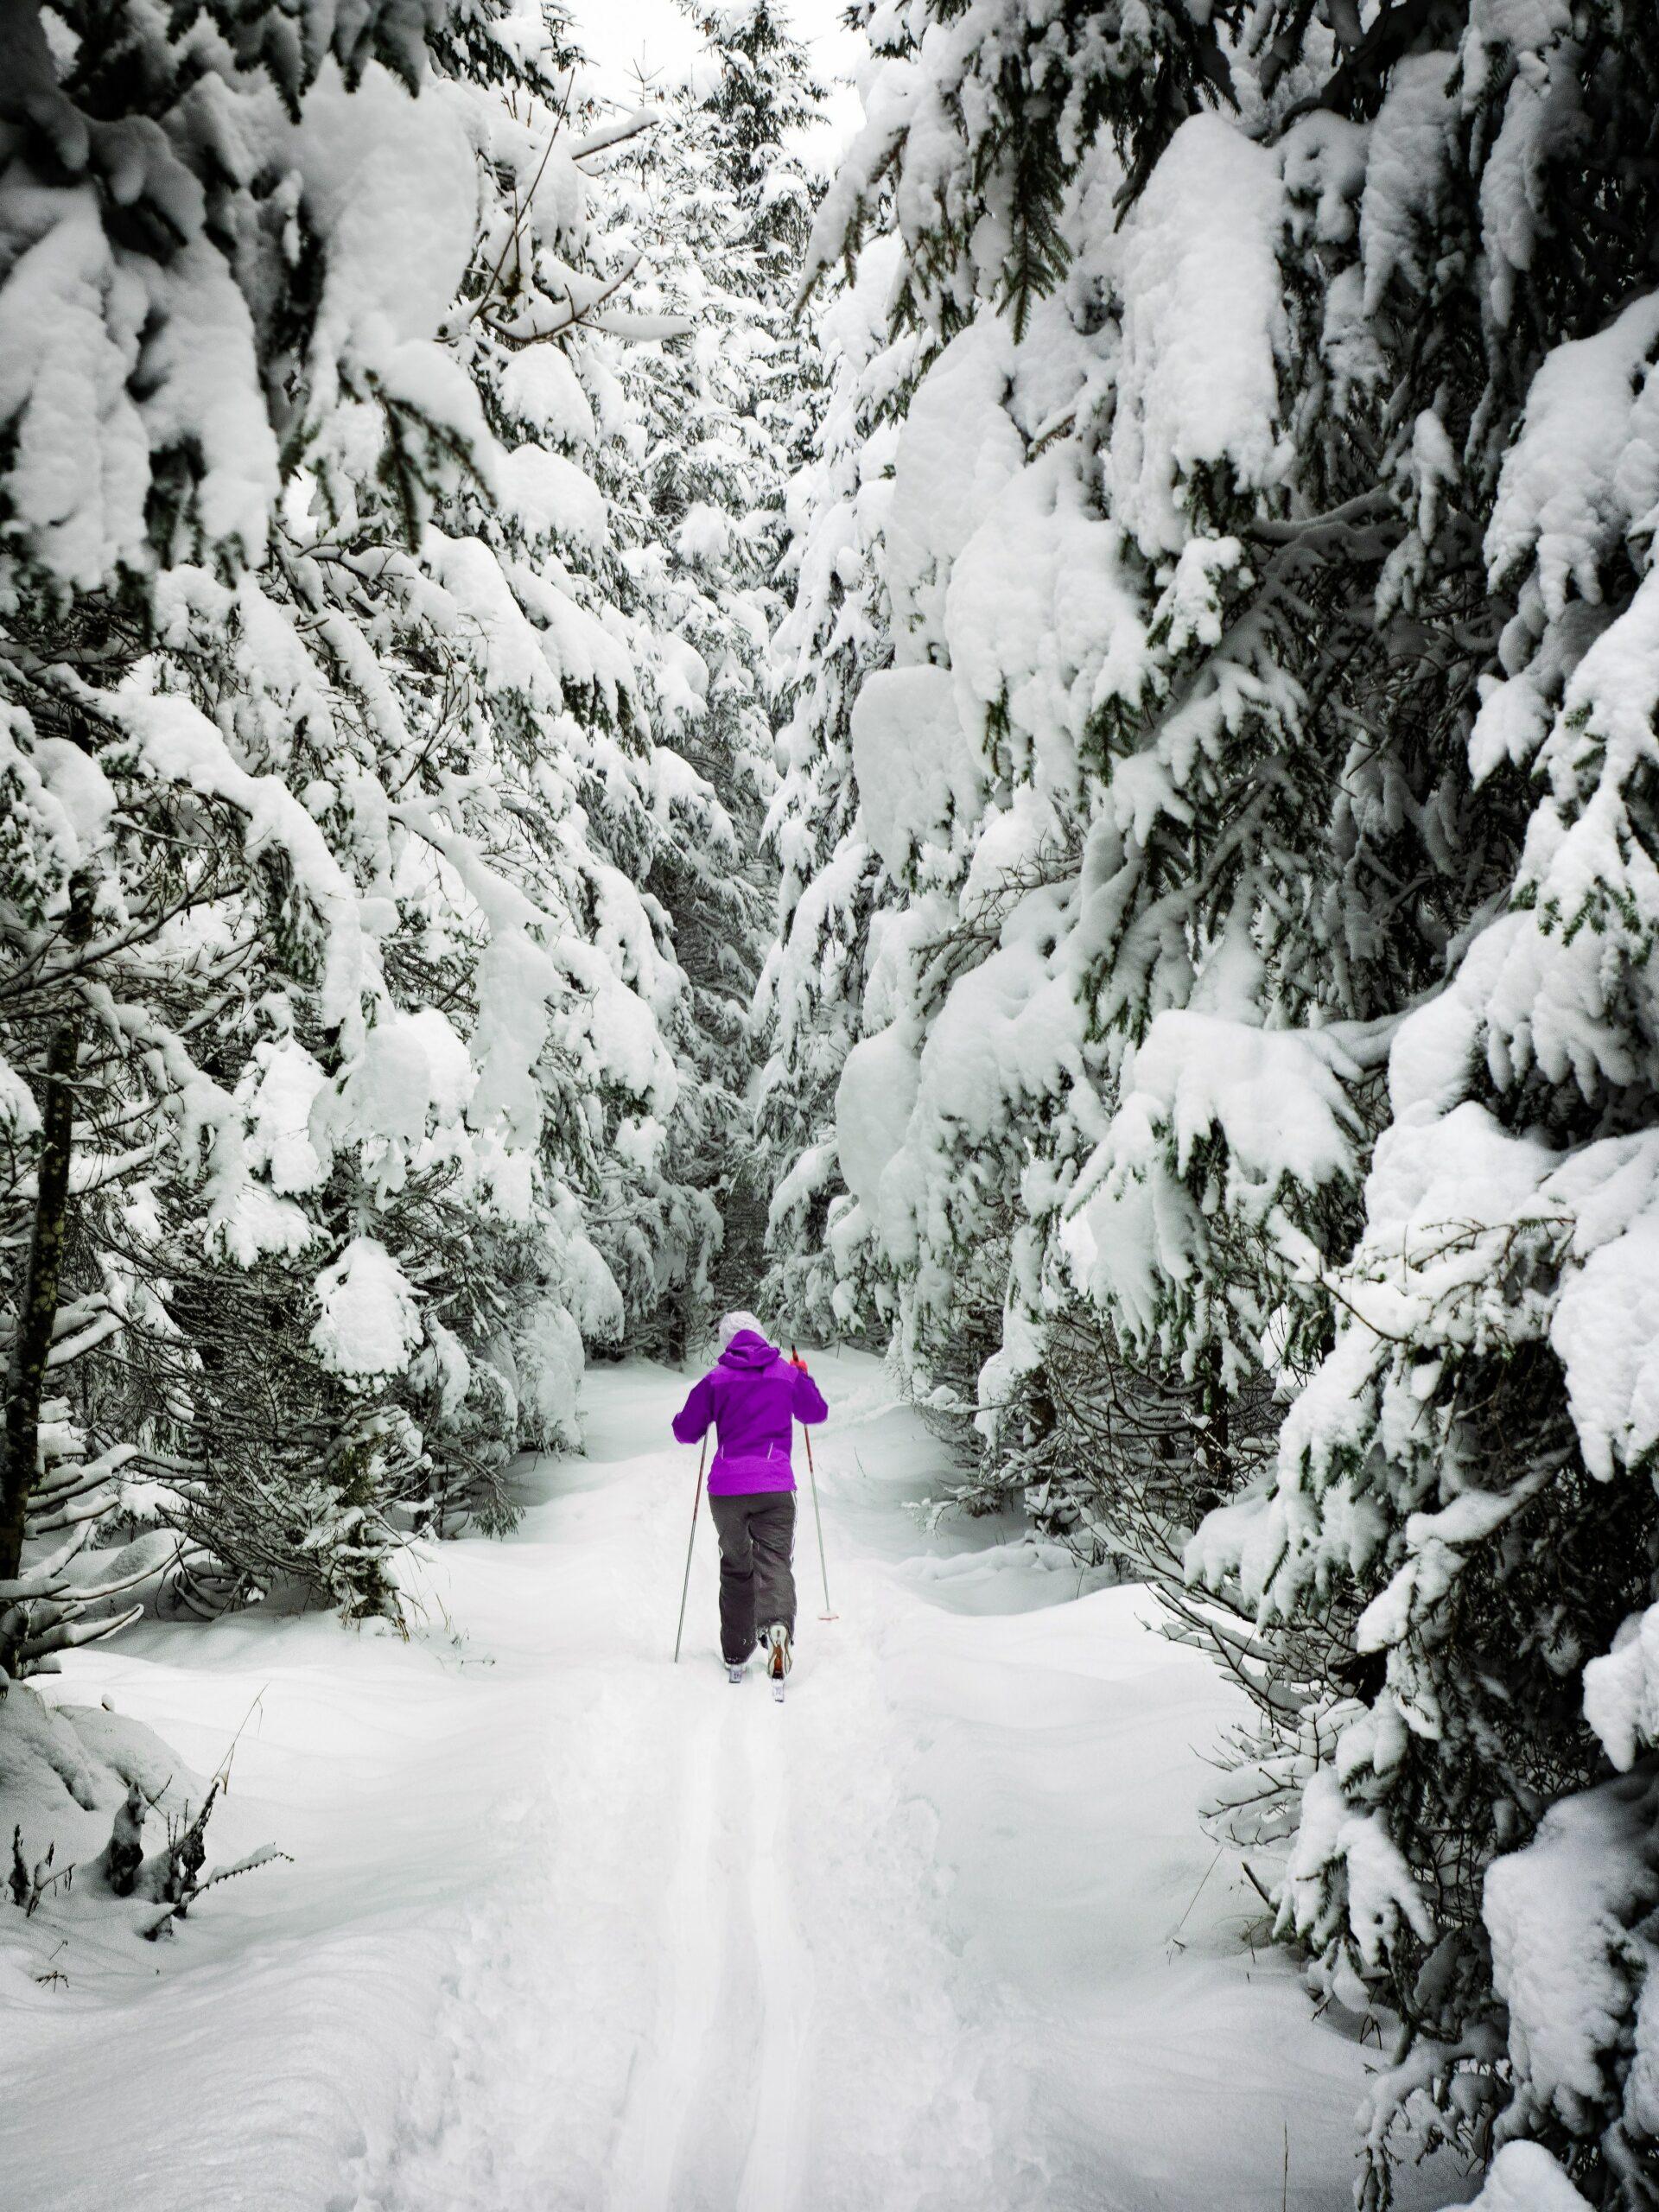 Sportovat se dá i v zimě. Sport v každém ročním období!